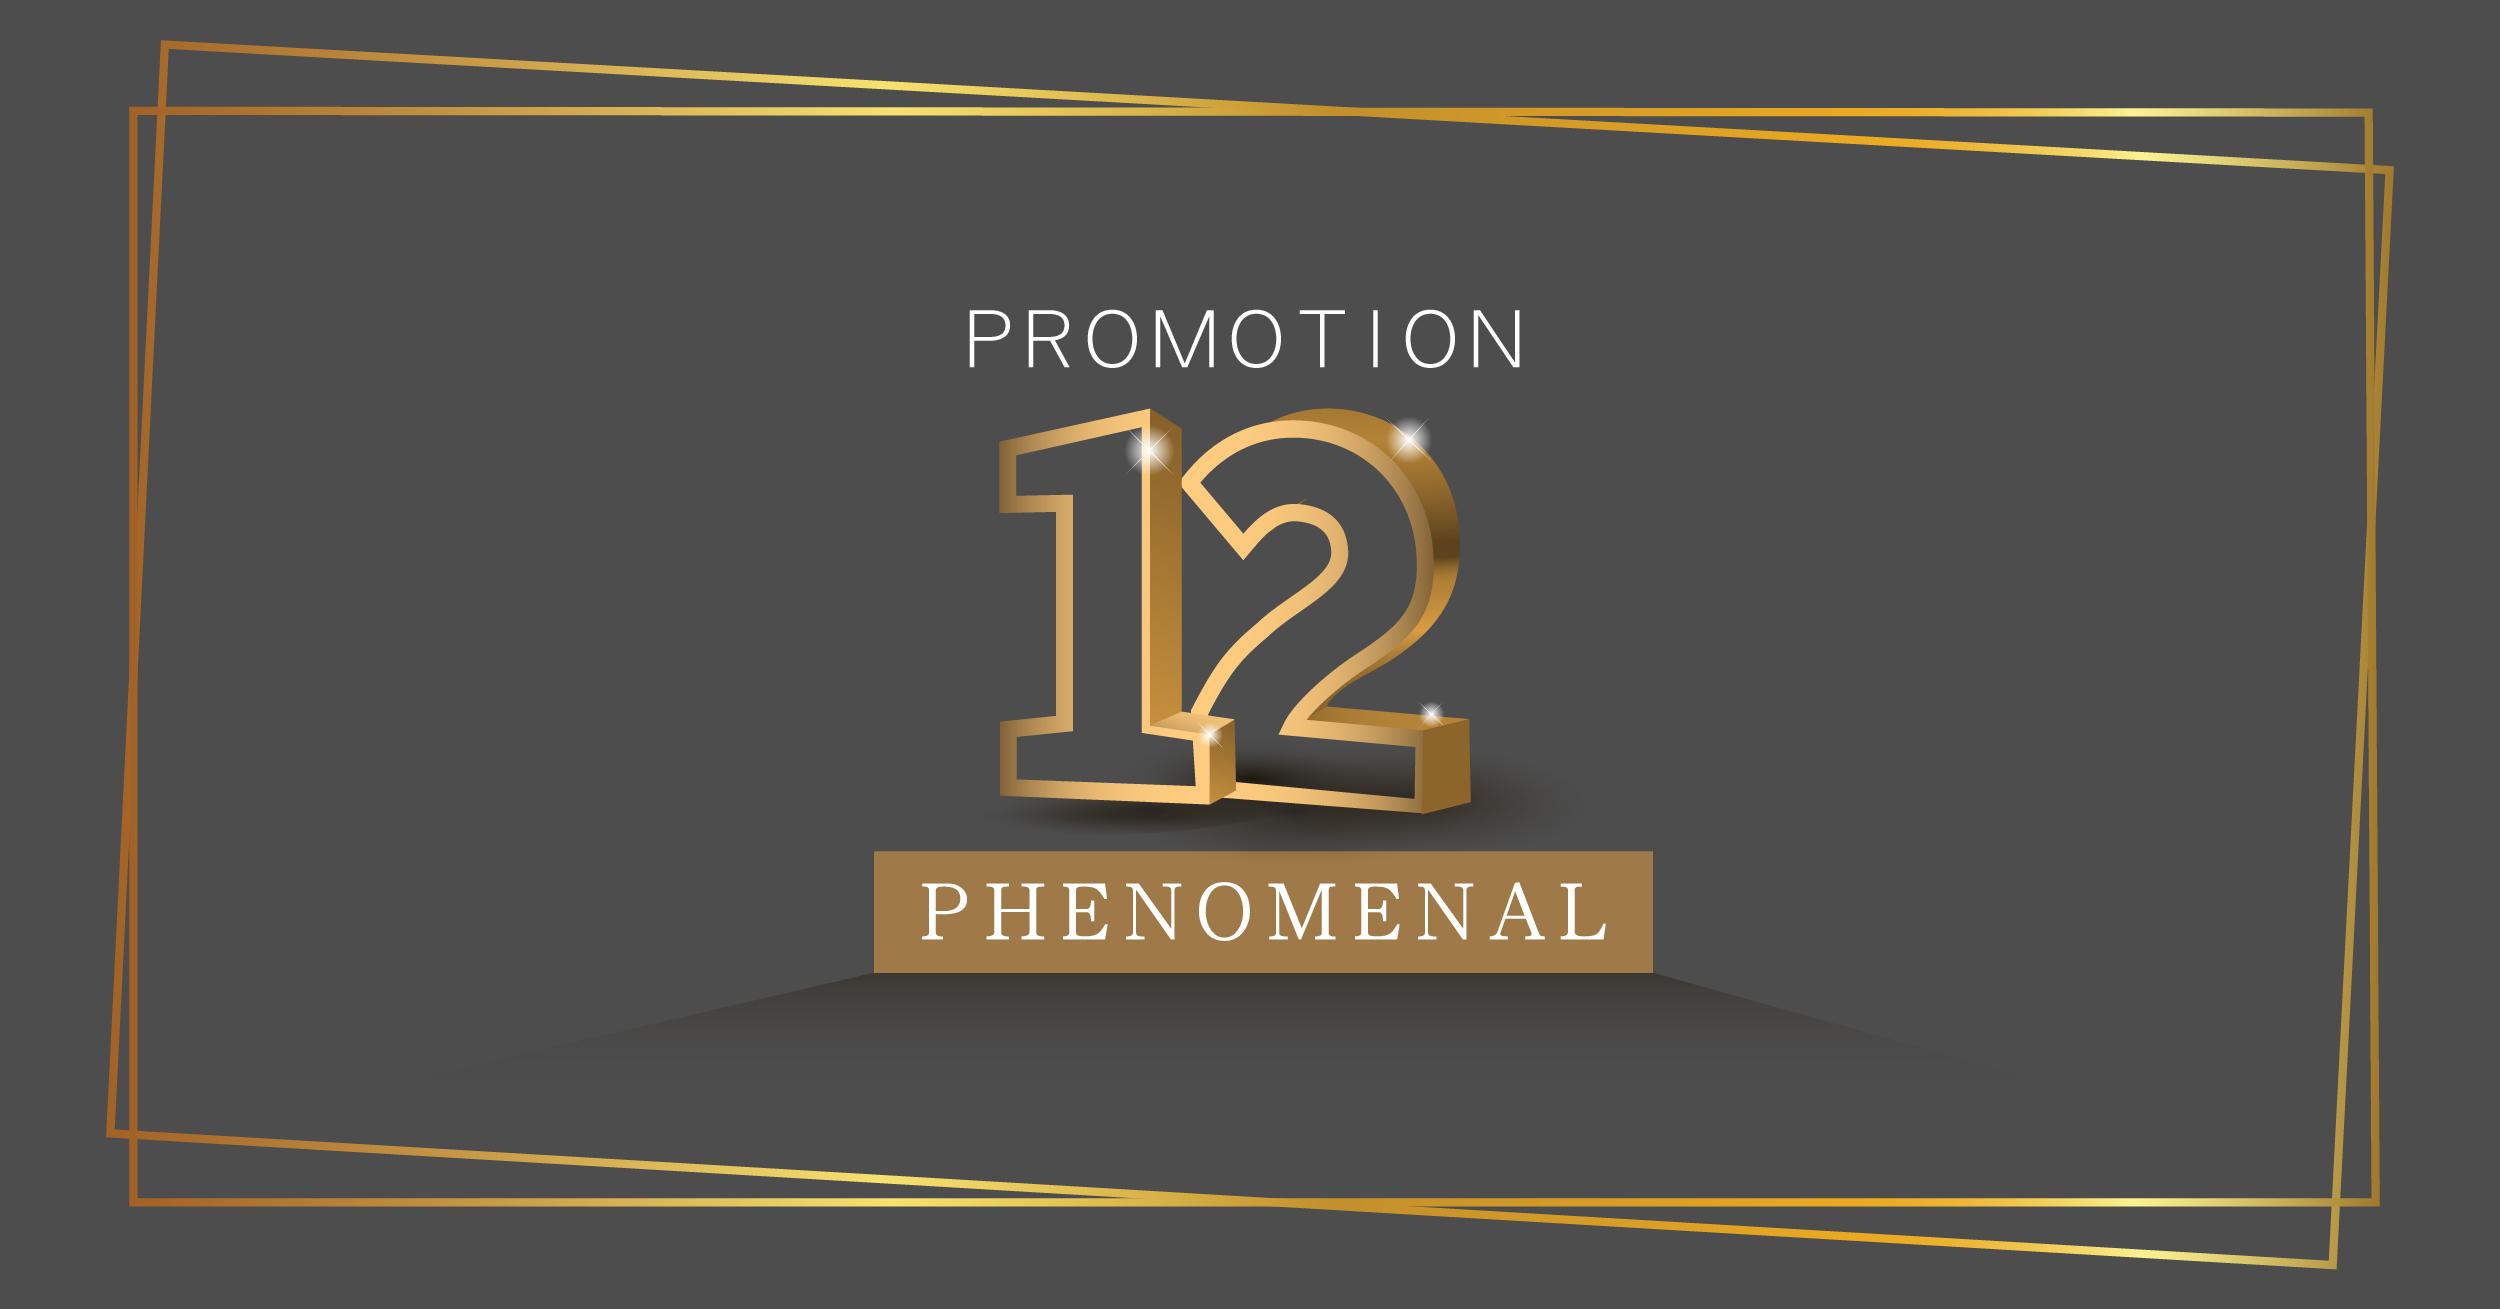 Logo 12 Phenomenal-02 - Copy